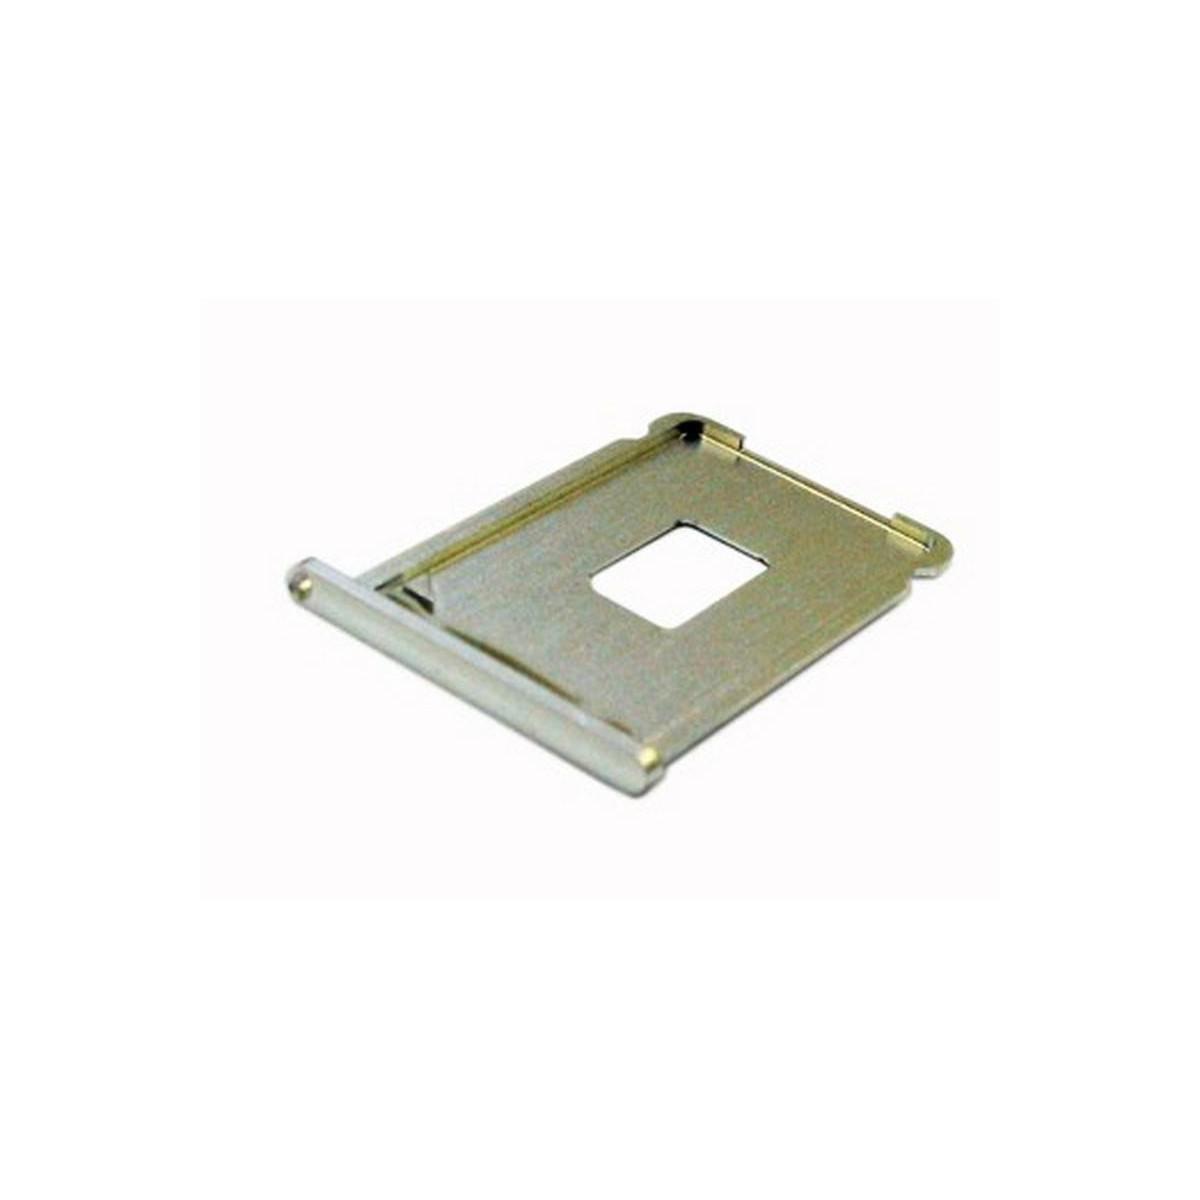 Iphone 2G porta SIM de aluminio, celda de la tarjeta sim